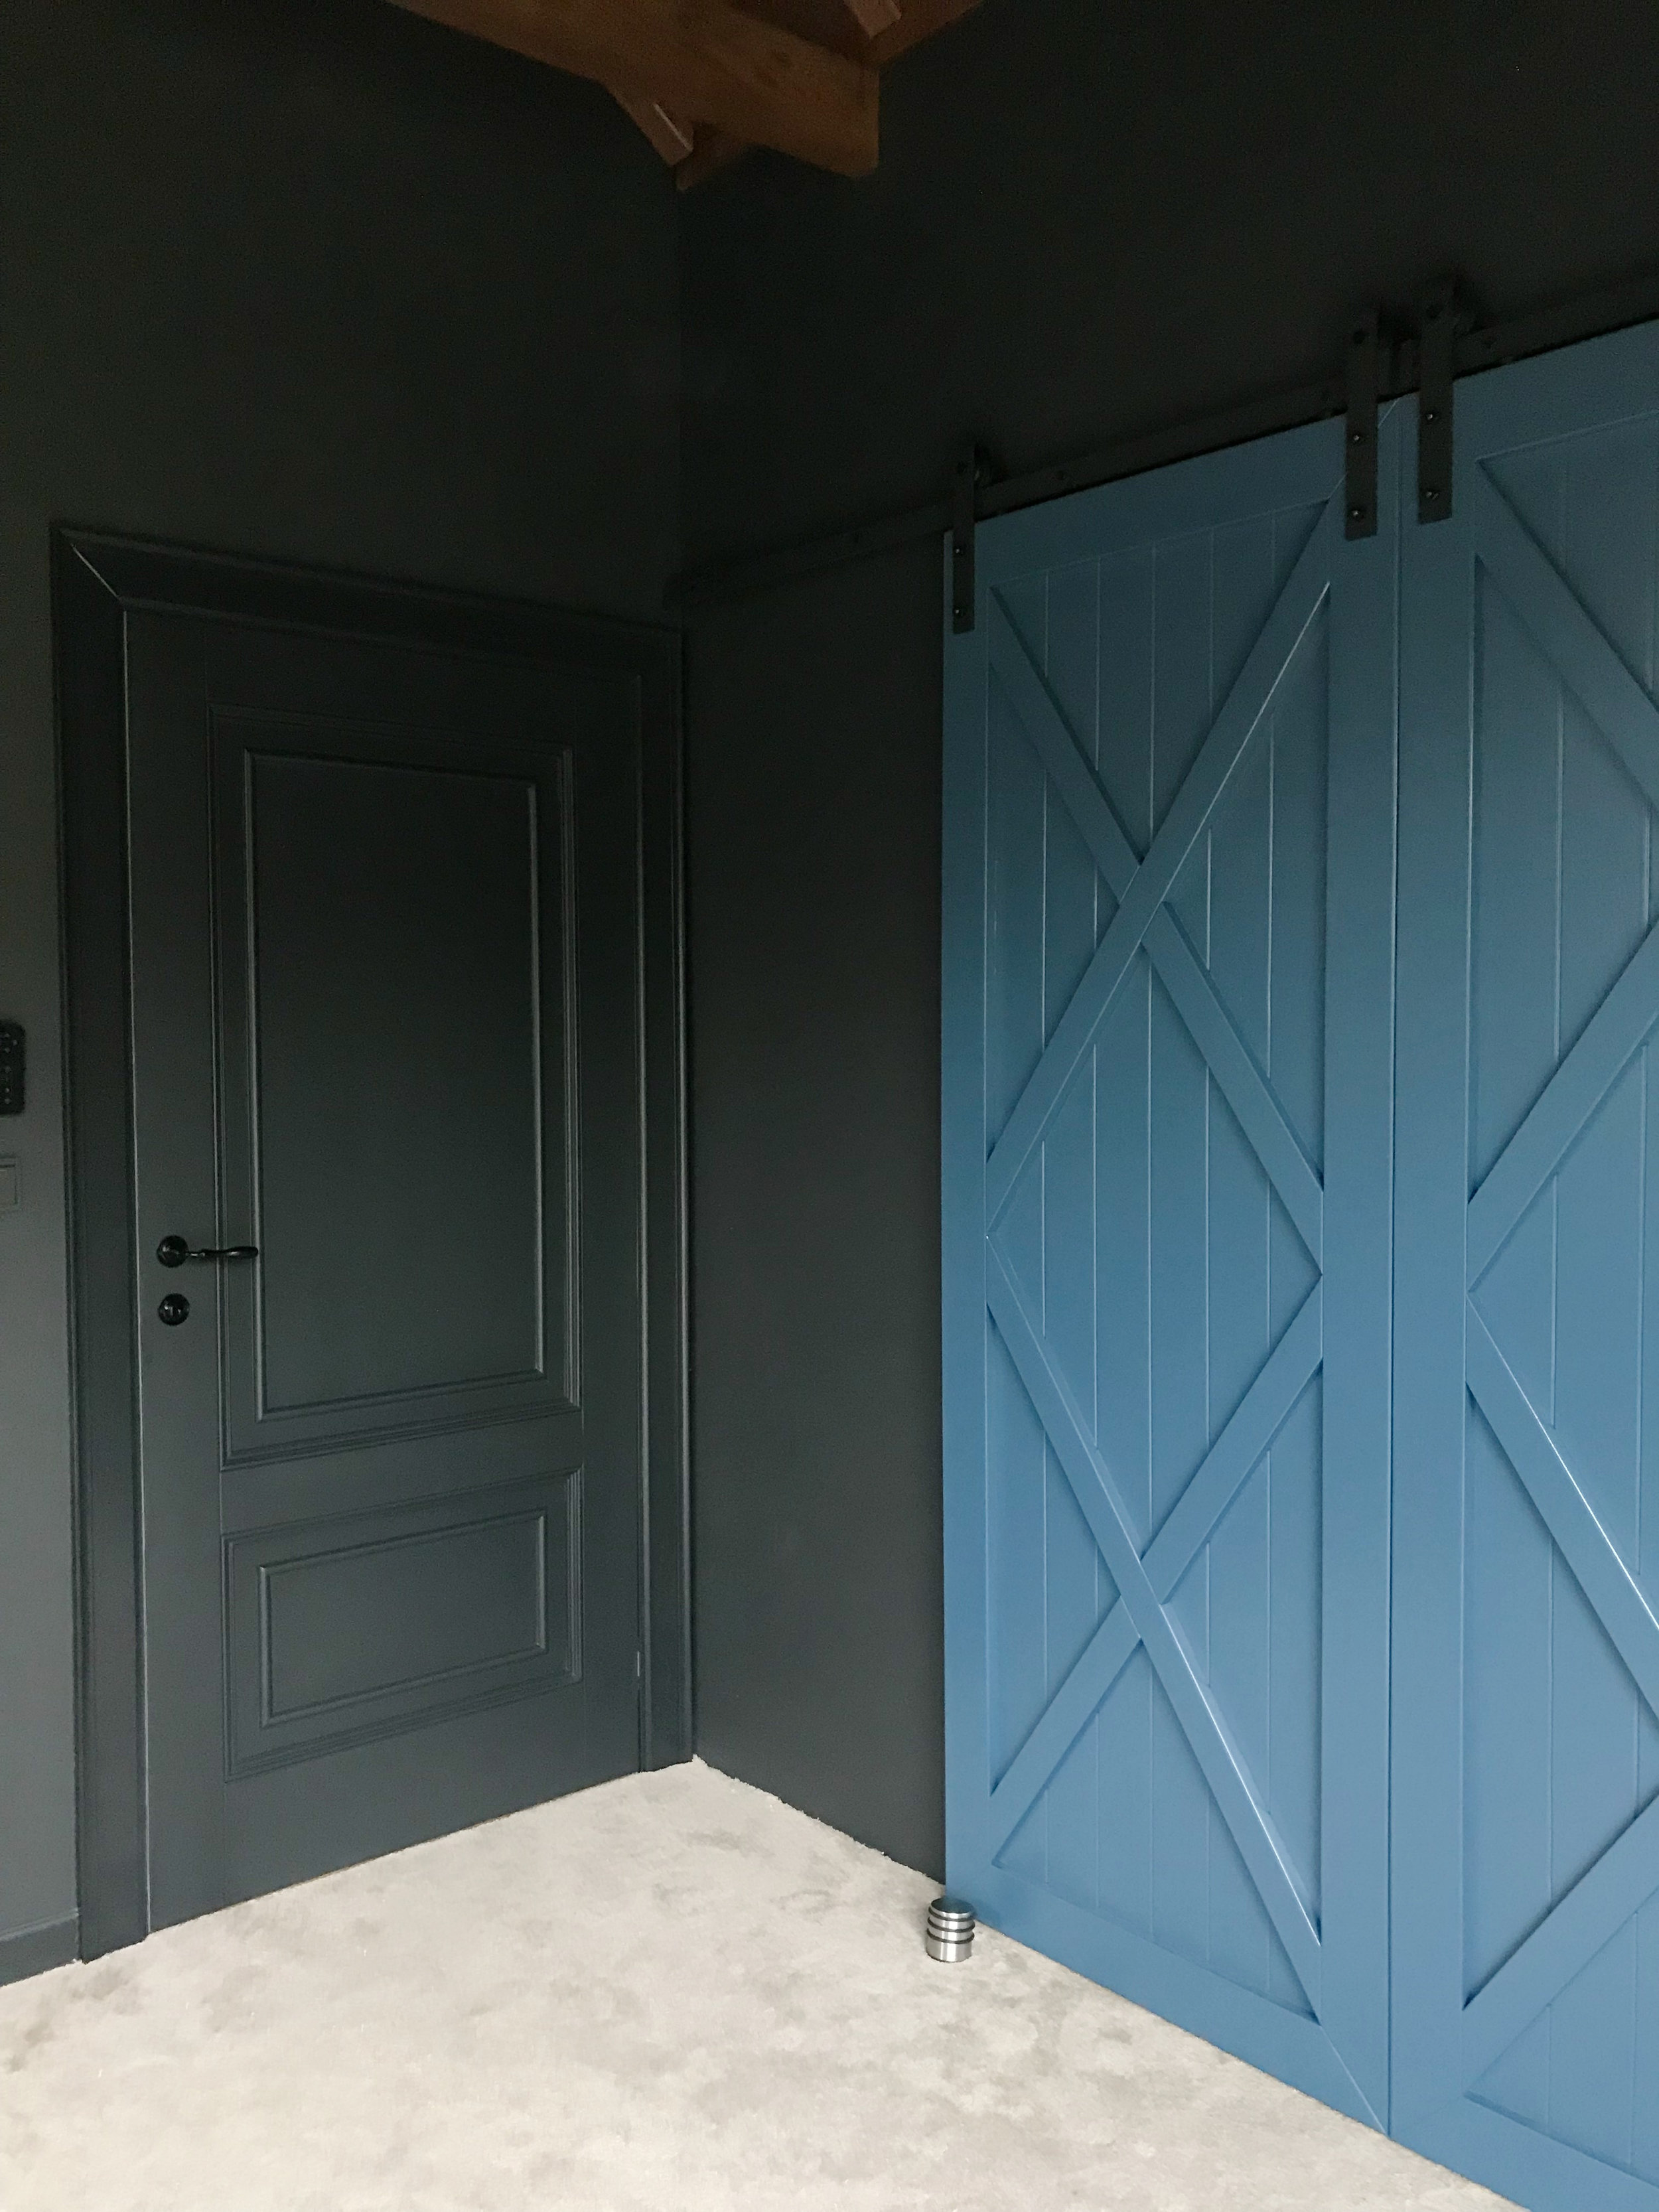 Projekt-DIM-RIVIERA-by-HOUSELOVES-drzwi11.JPG